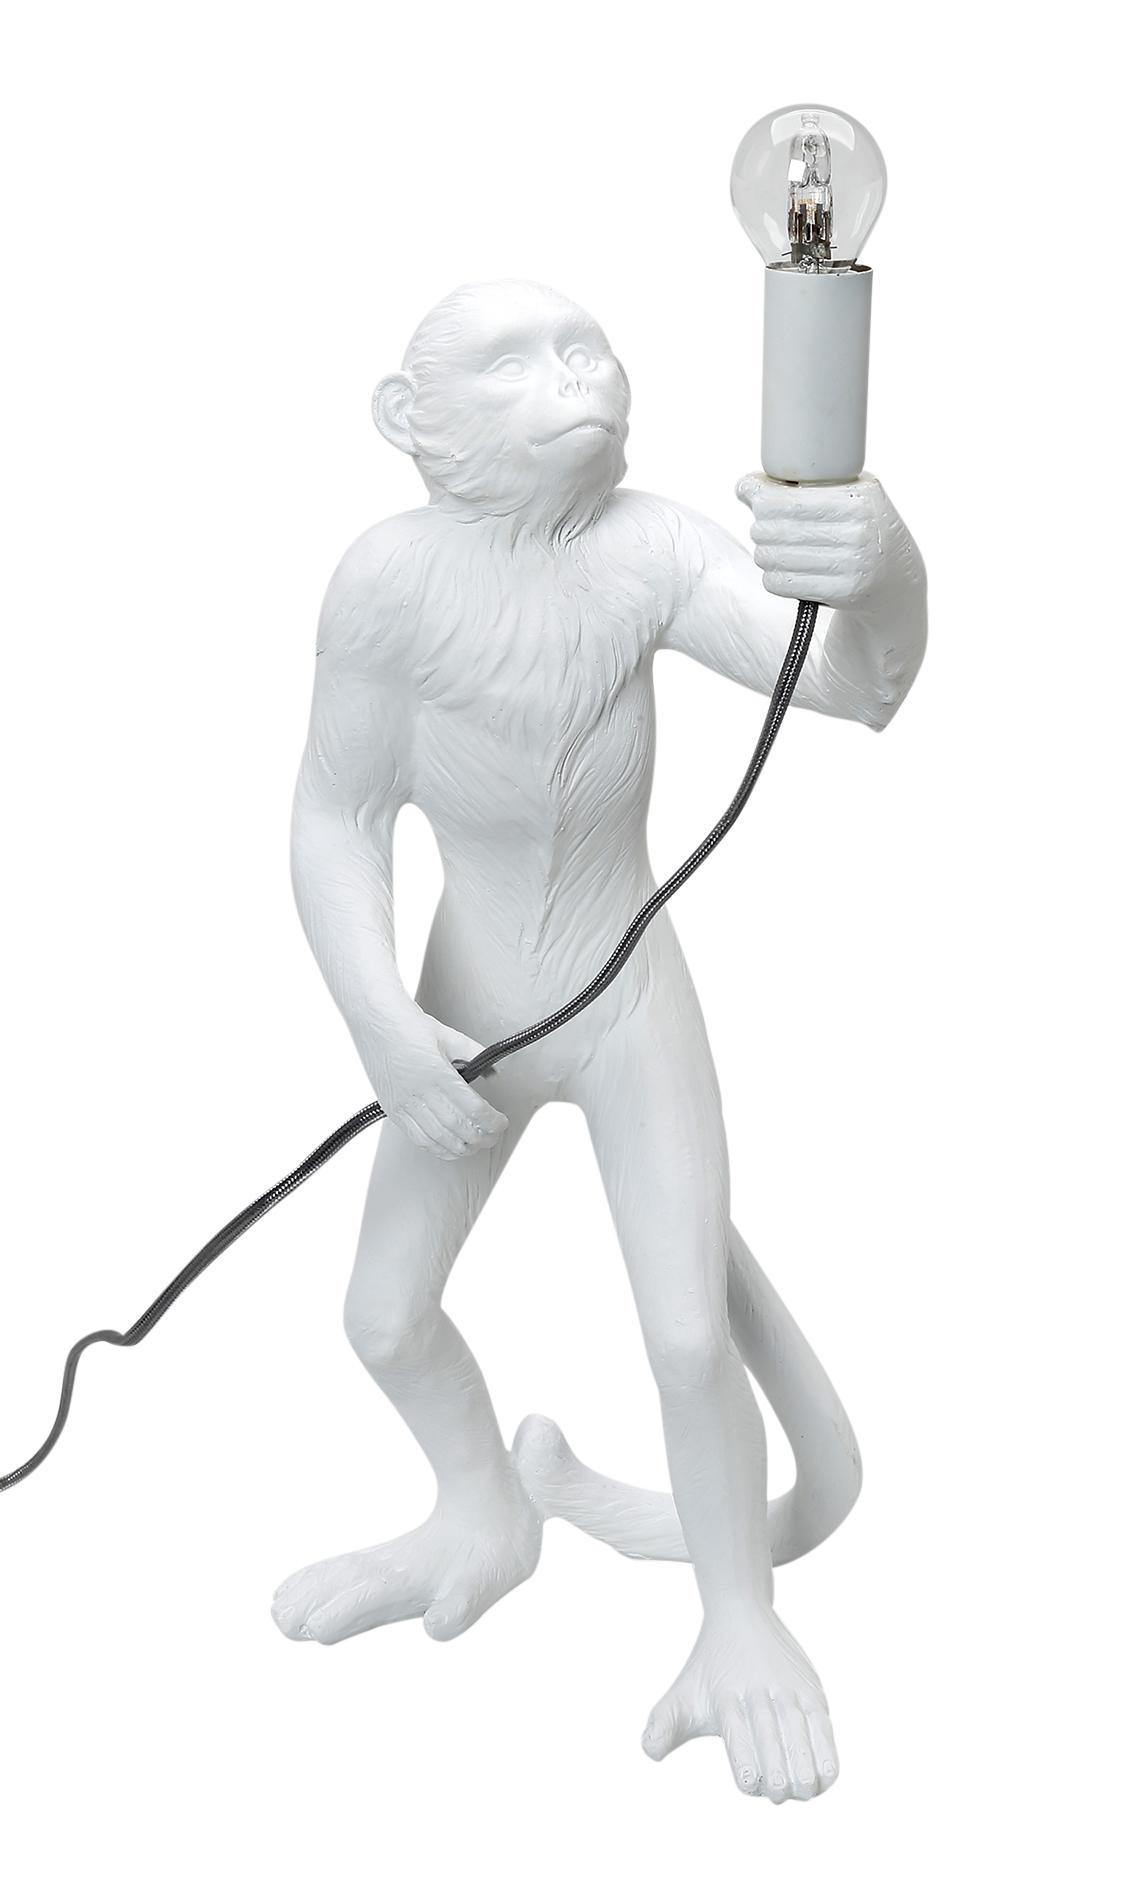 Φωτιστικό Επιτραπέζιο ESPIEL 24x20x49εκ. MAM113 (Χρώμα: Λευκό) - ESPIEL - MAM113